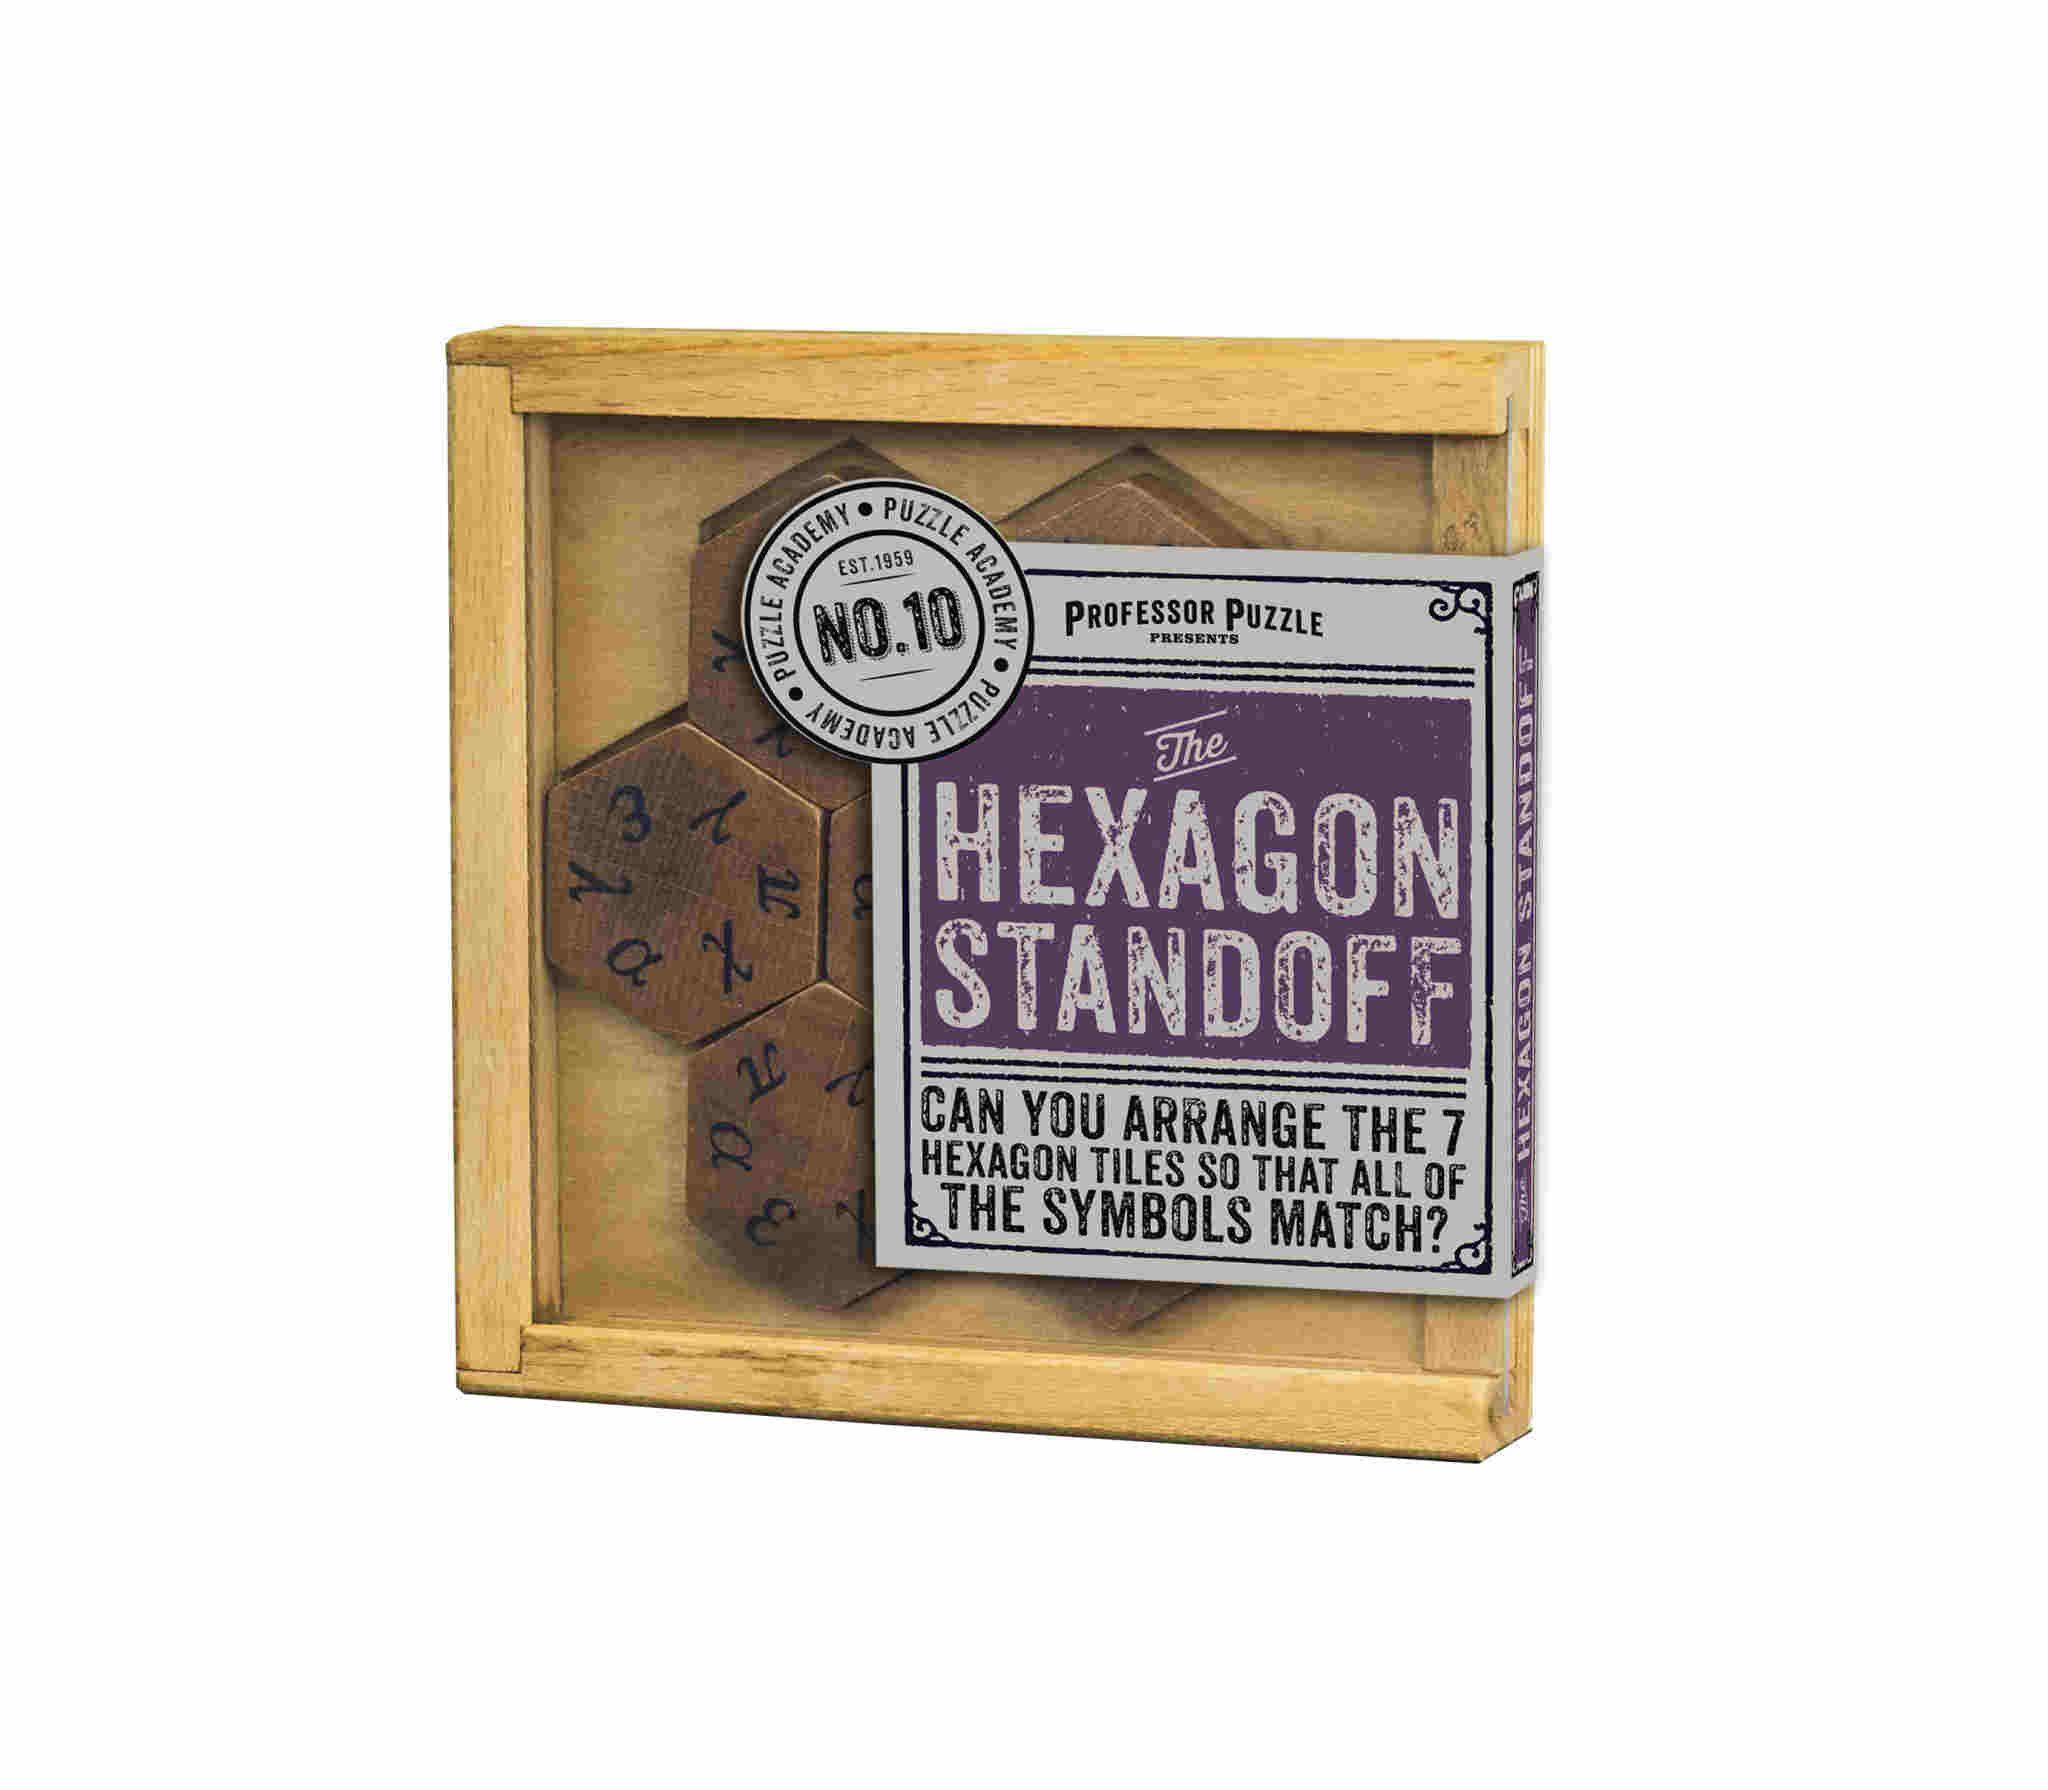 Hexagon Standoff Math Puzzle Maths puzzles, Hexagon, Math